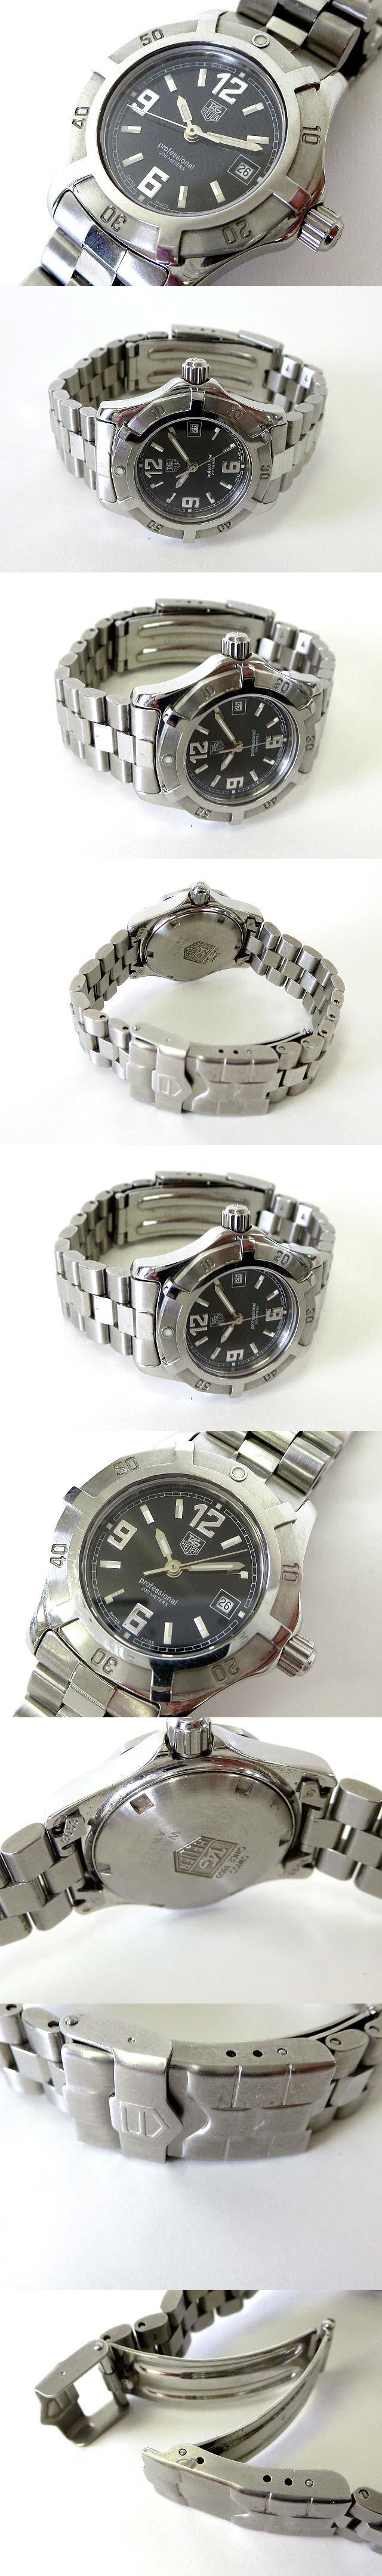 腕時計 プロフェッショナル 200 エクスクルーシブ デイト WN1310 クオーツ ステンレス 黒文字盤 電池交換 オーバーホール済